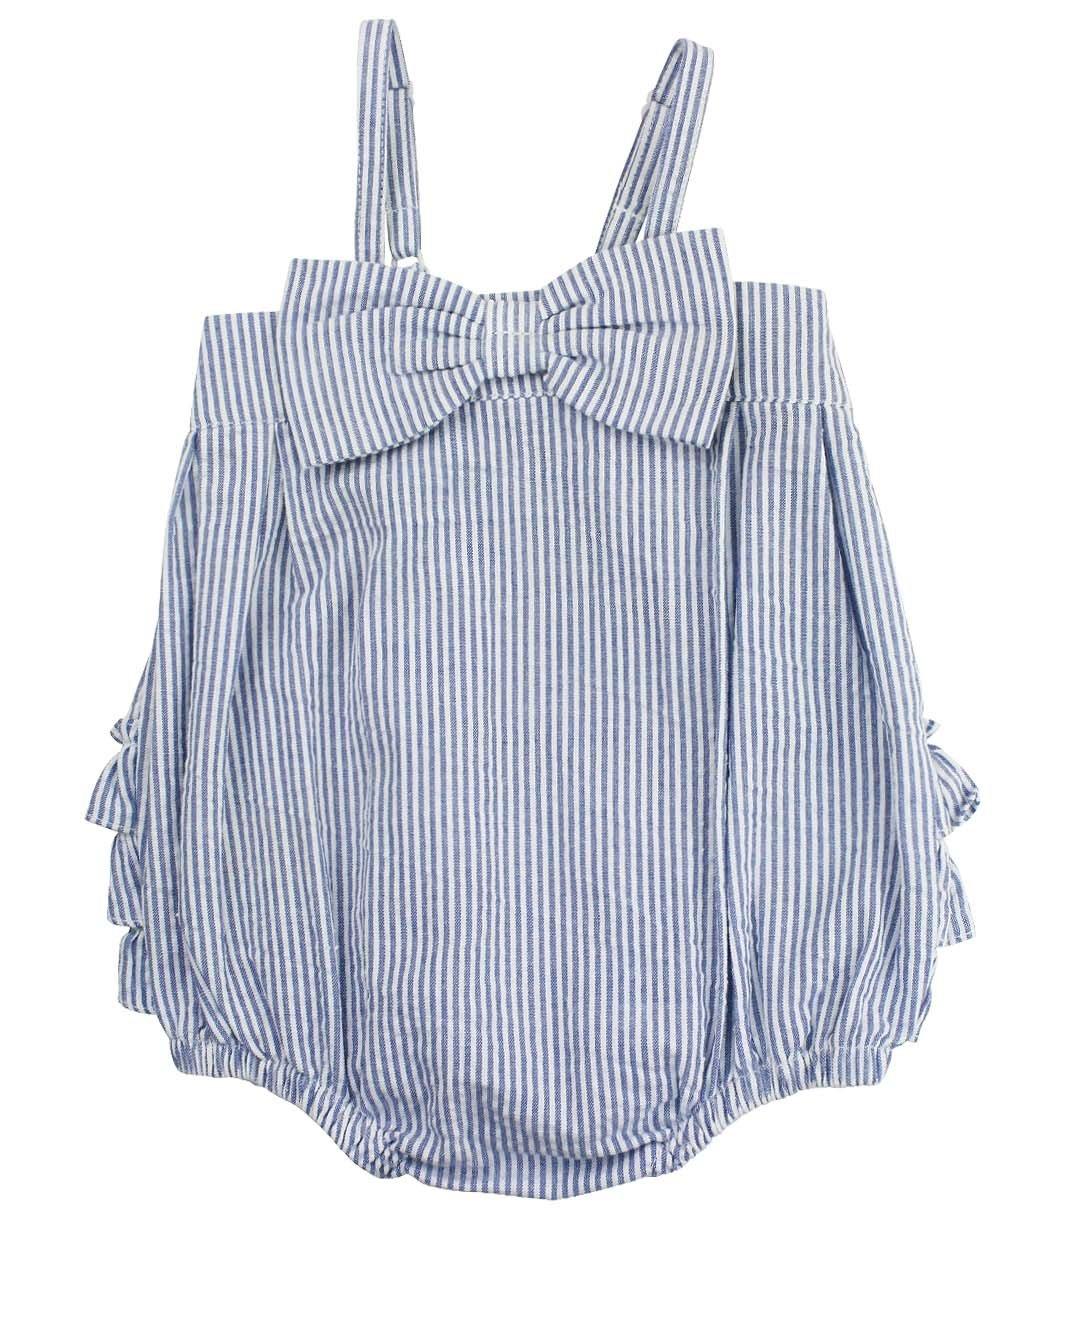 RuffleButts Little Girls Blue Striped Seersucker Bubble Romper w/Bow - 0-3m